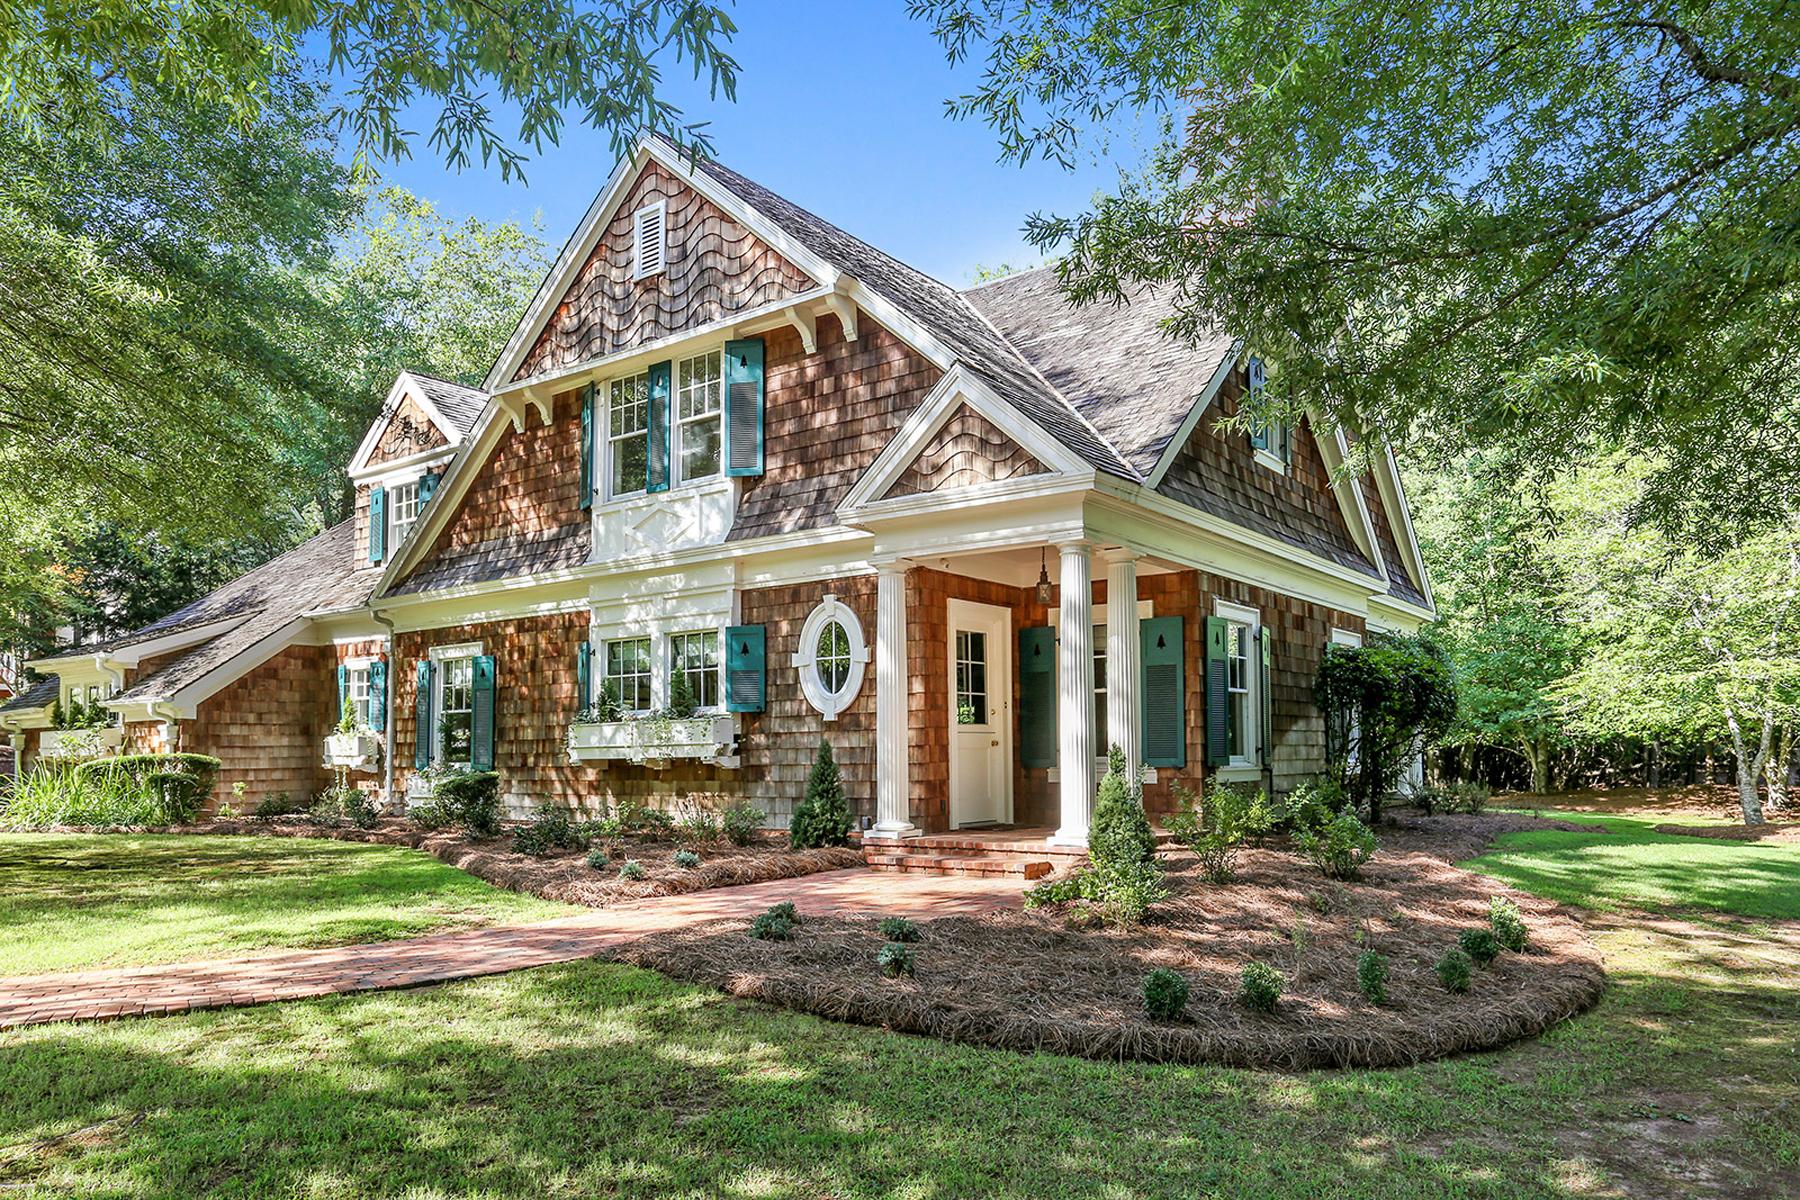 단독 가정 주택 용 매매 에 Life Magazine Home 4050 Palisades Main NW Kennesaw, 조지아, 30144 미국